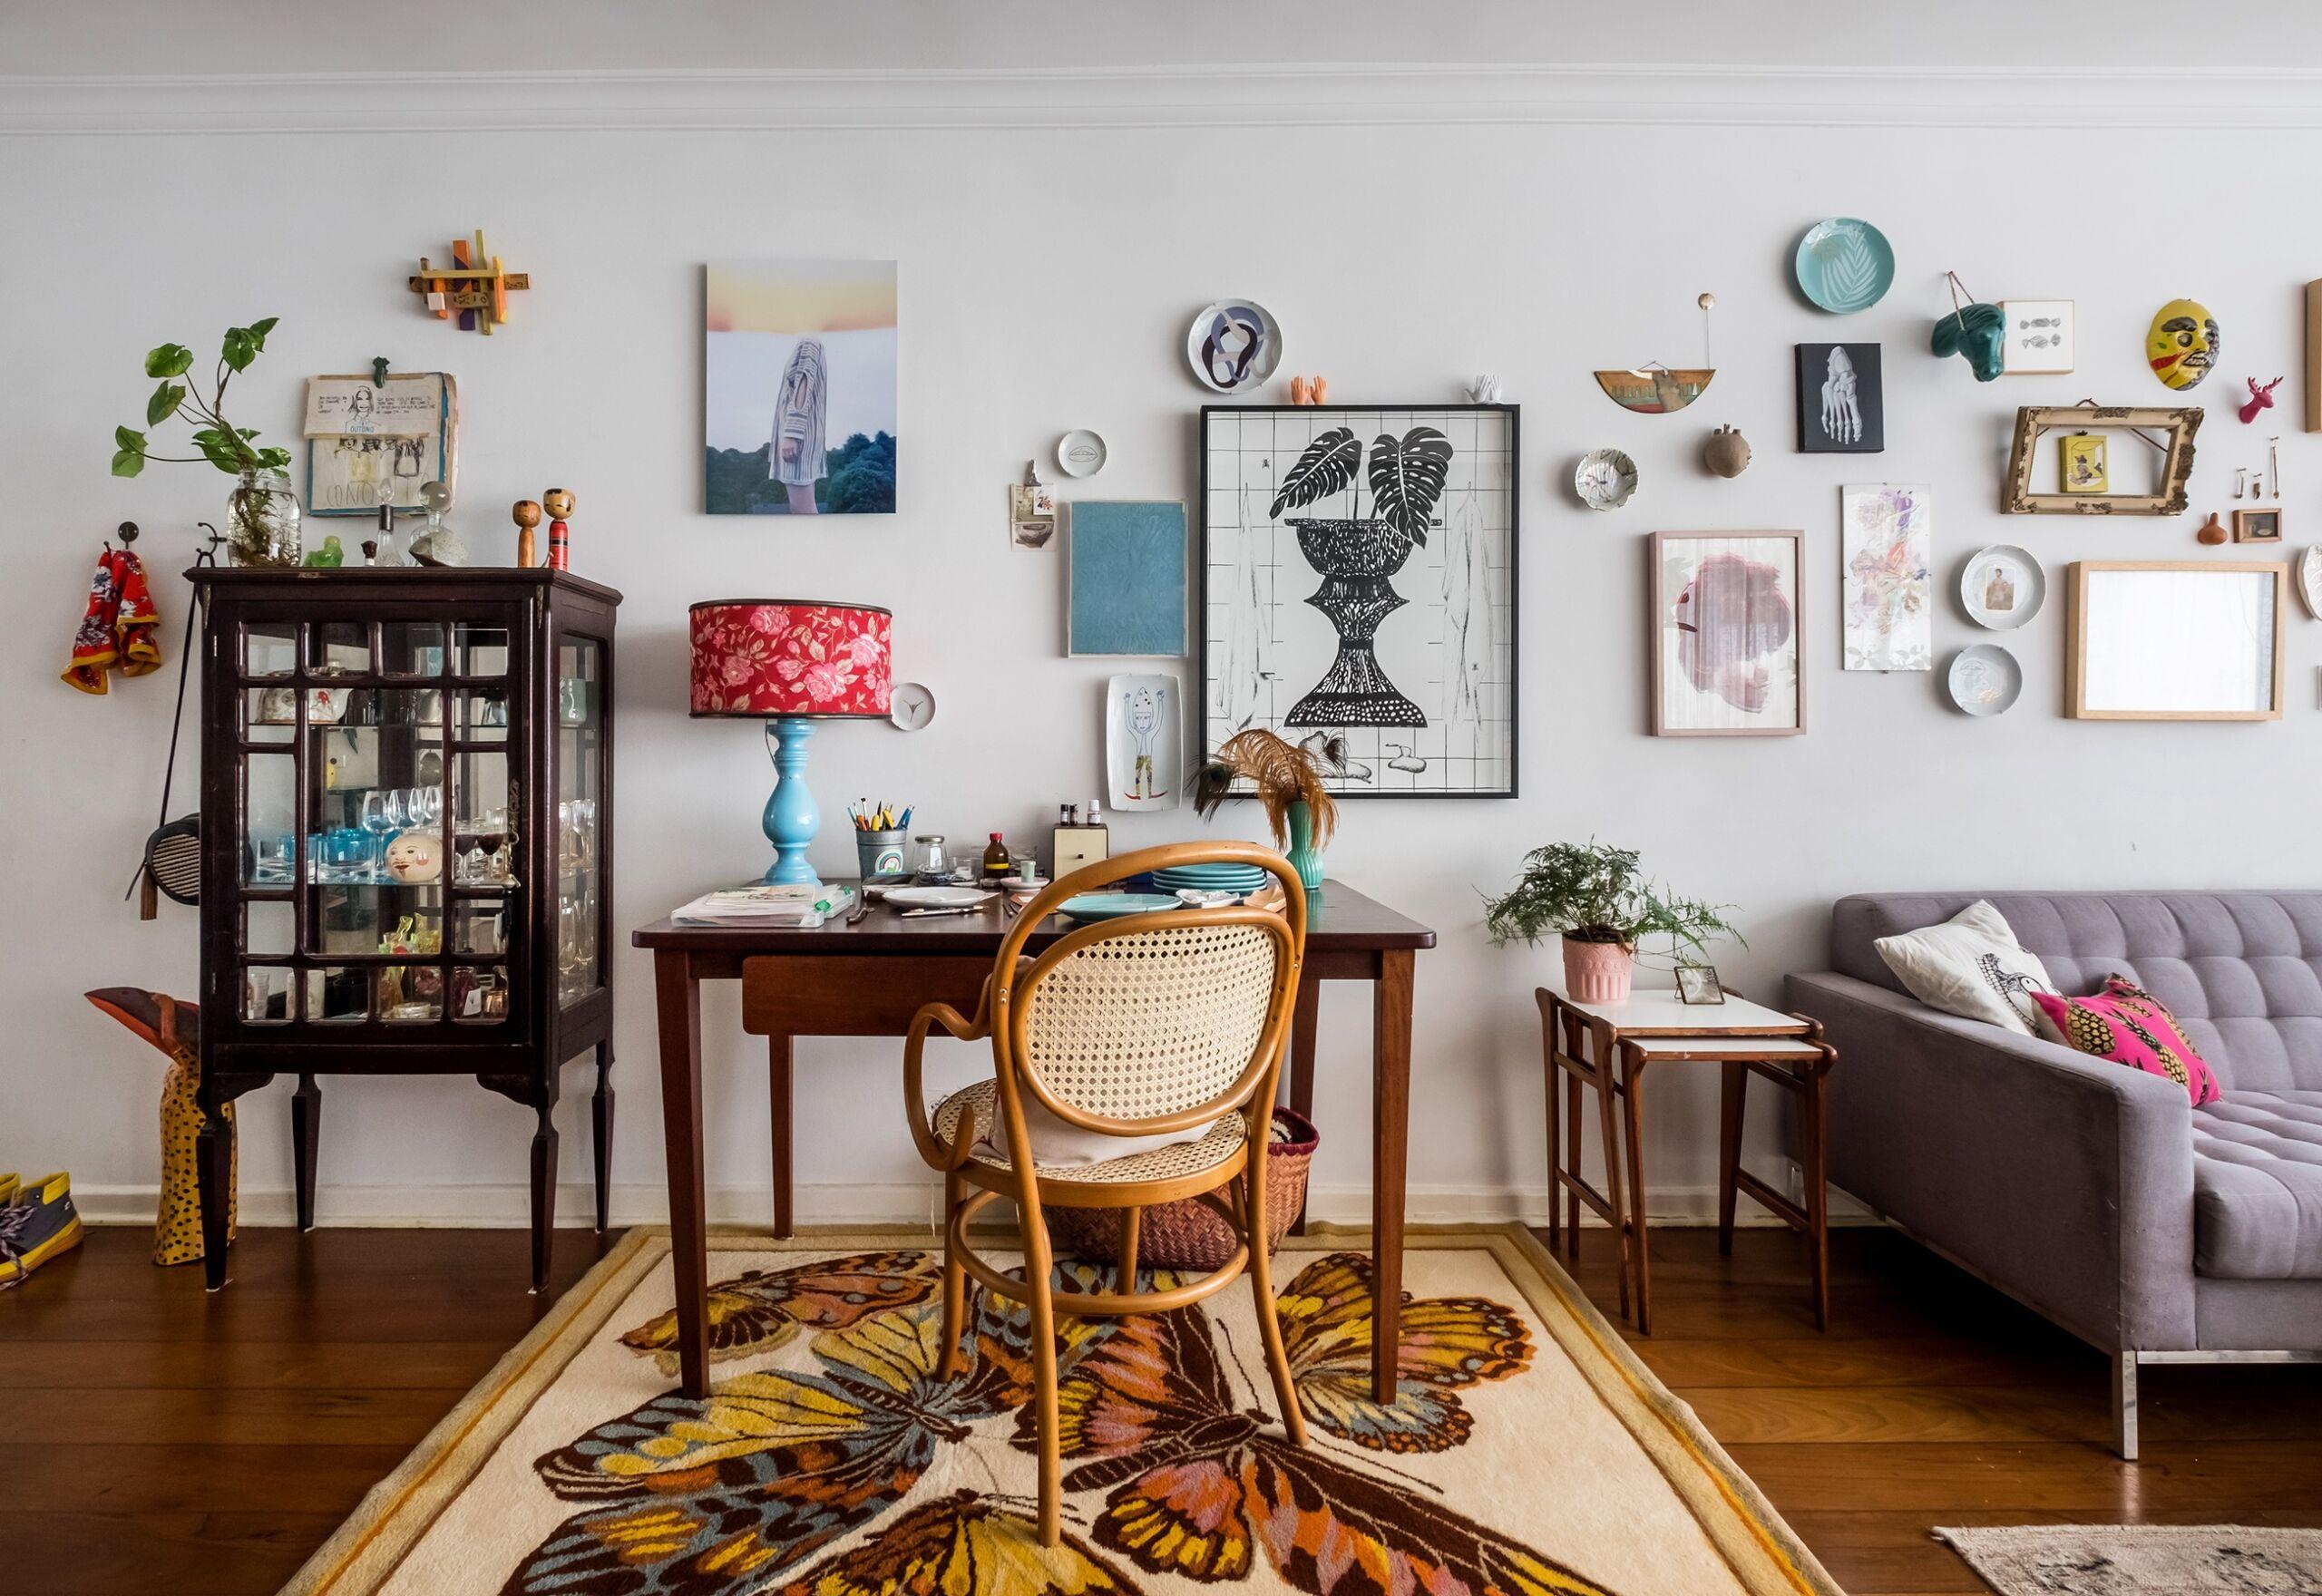 Apartamento com decoração vintage e eclética